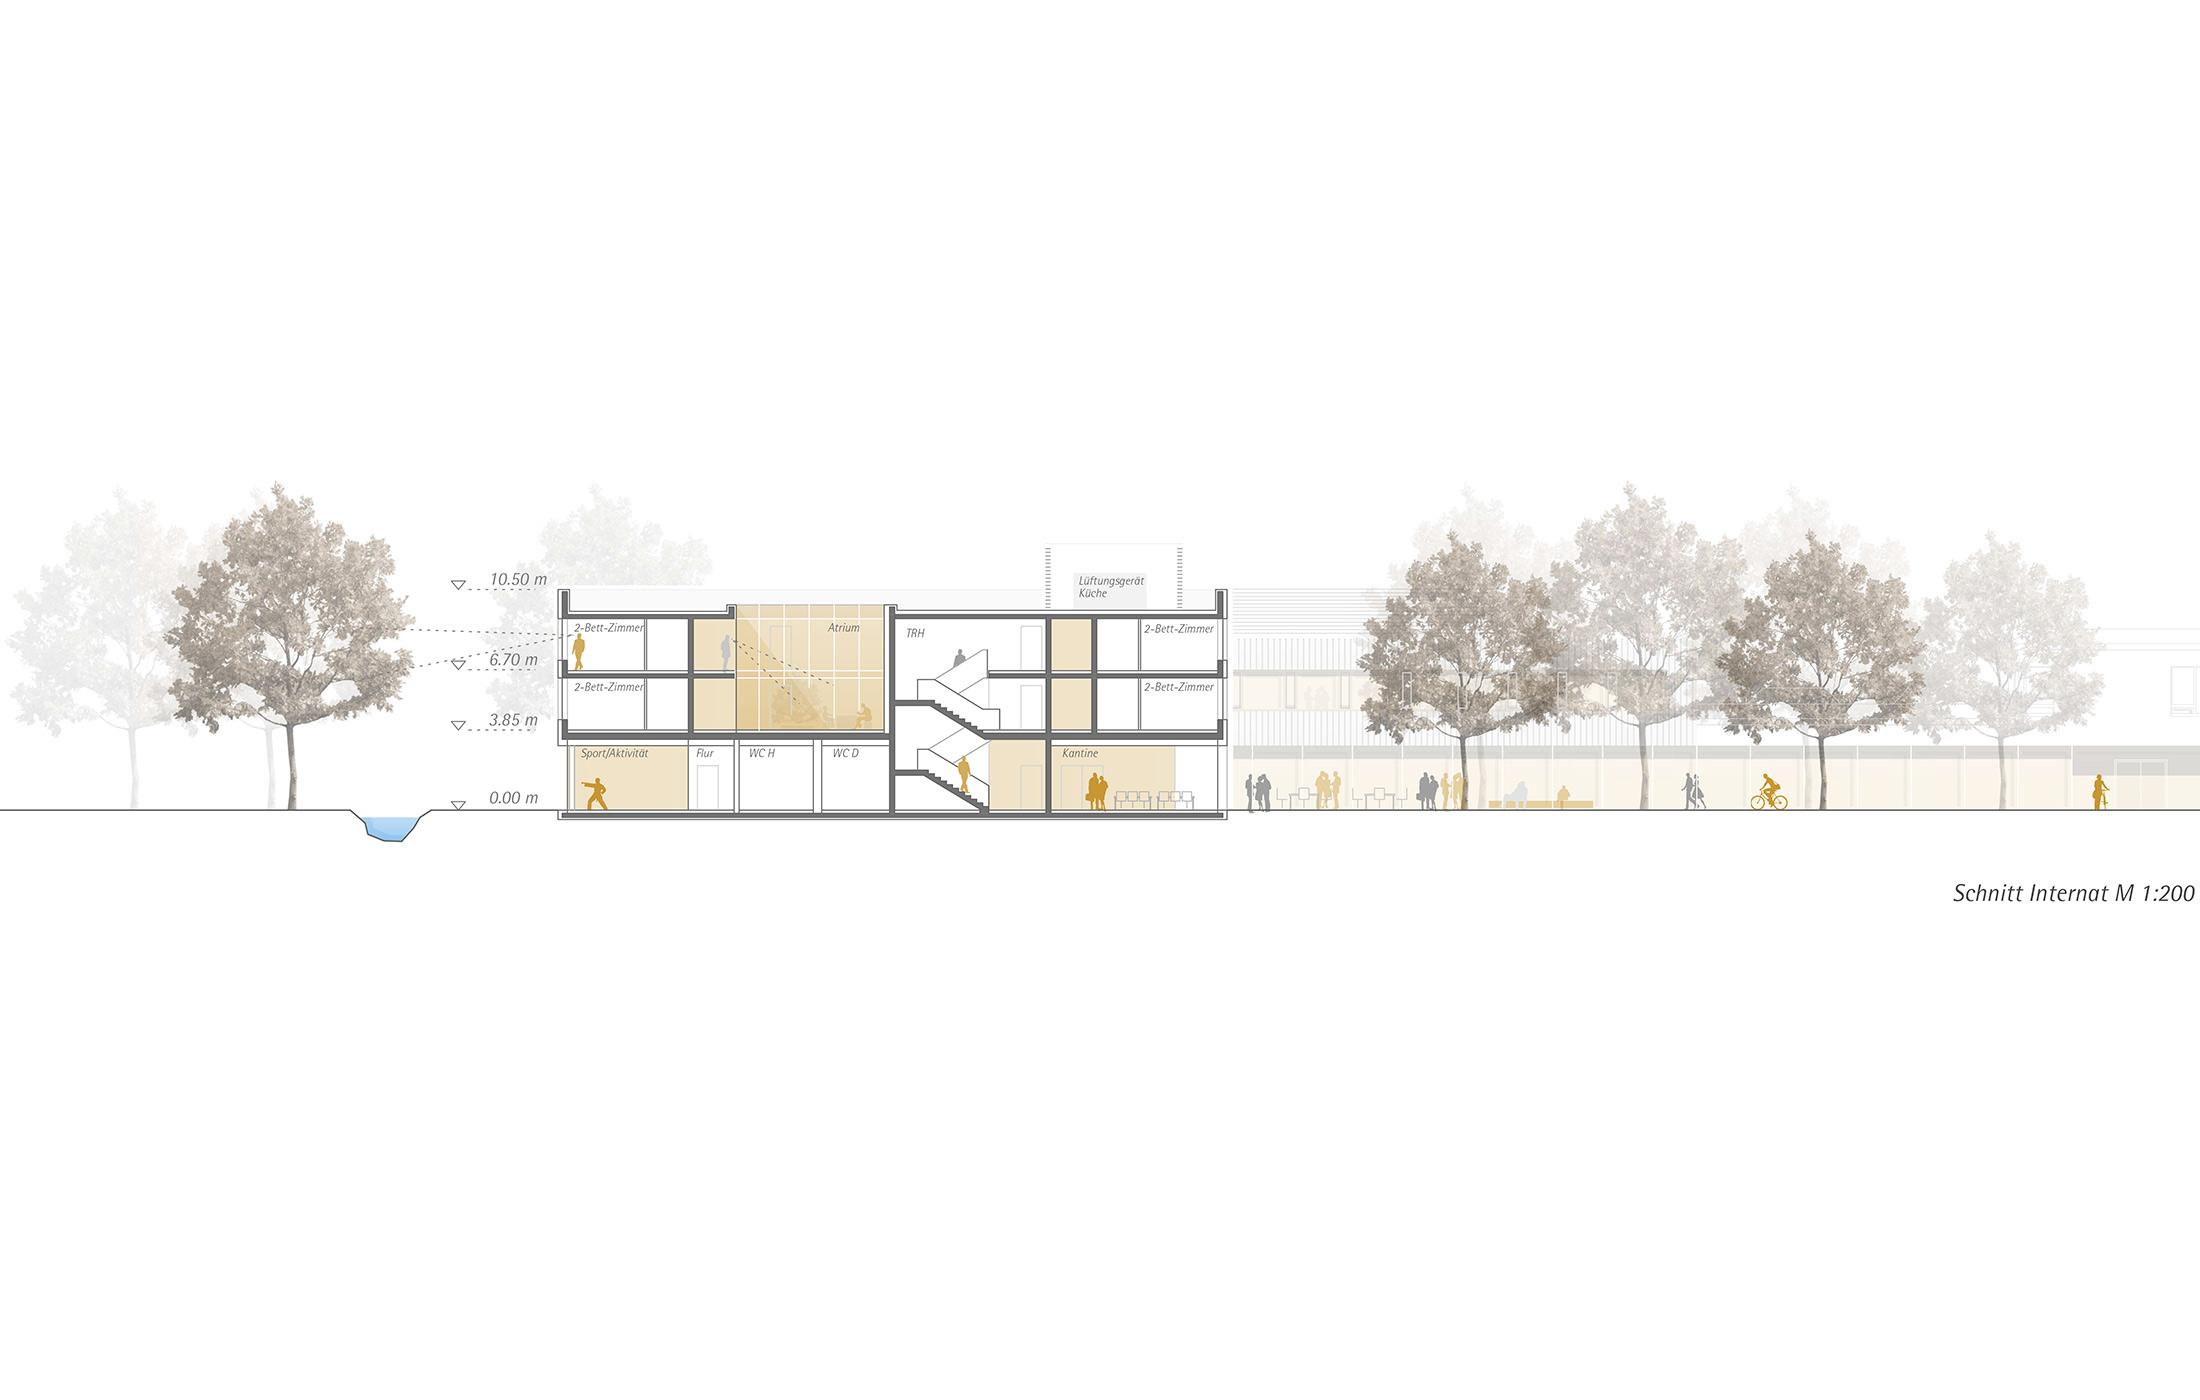 2019, Neubau Internat und Umbau Bildungsakademie HWK Tübingen